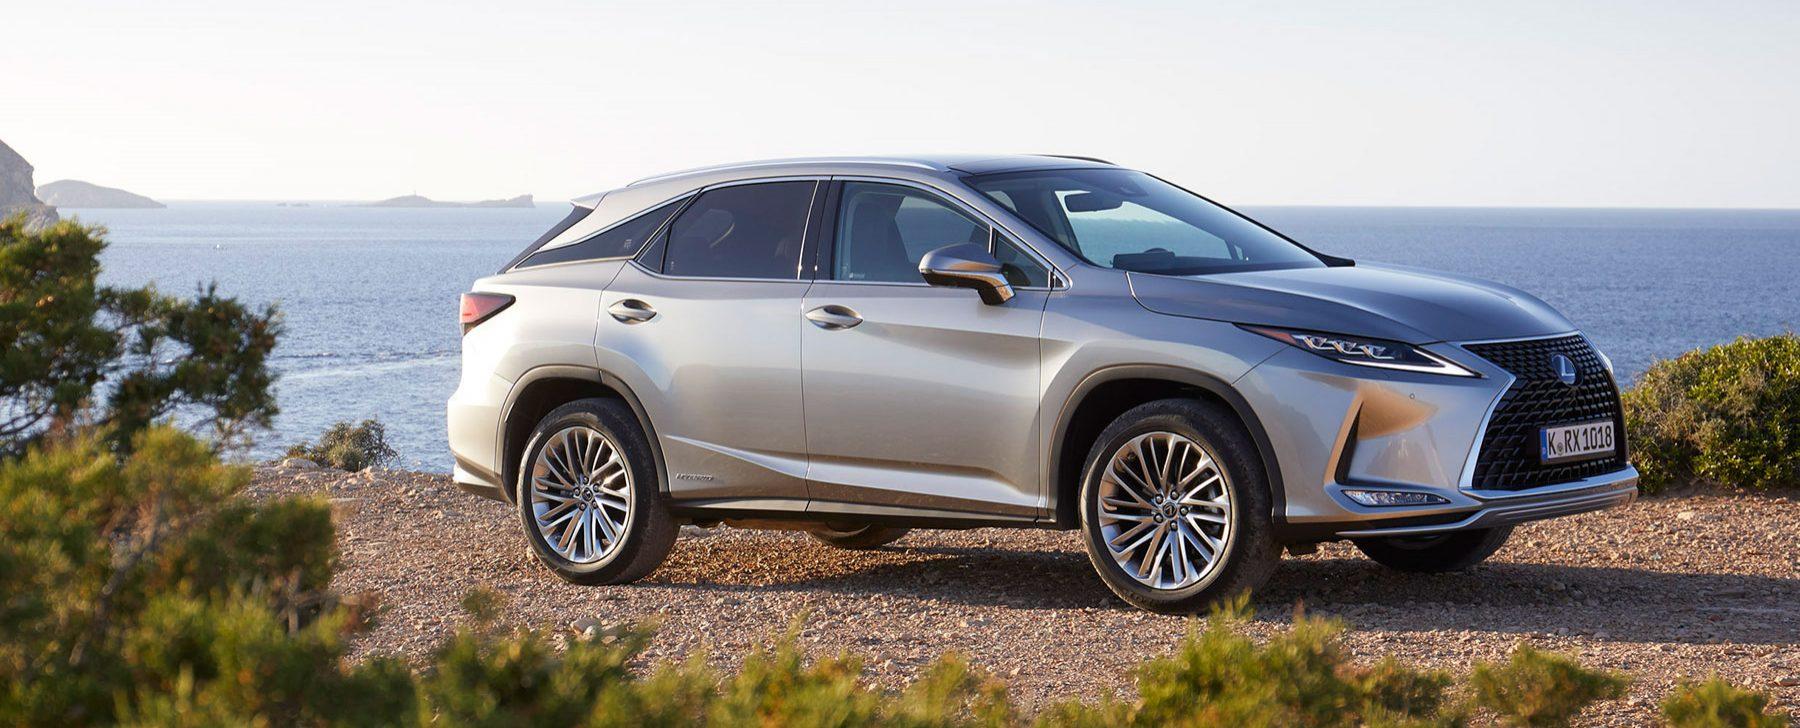 El Lexus Rx Se Perfecciona Como Suv Premium Motor El Pais